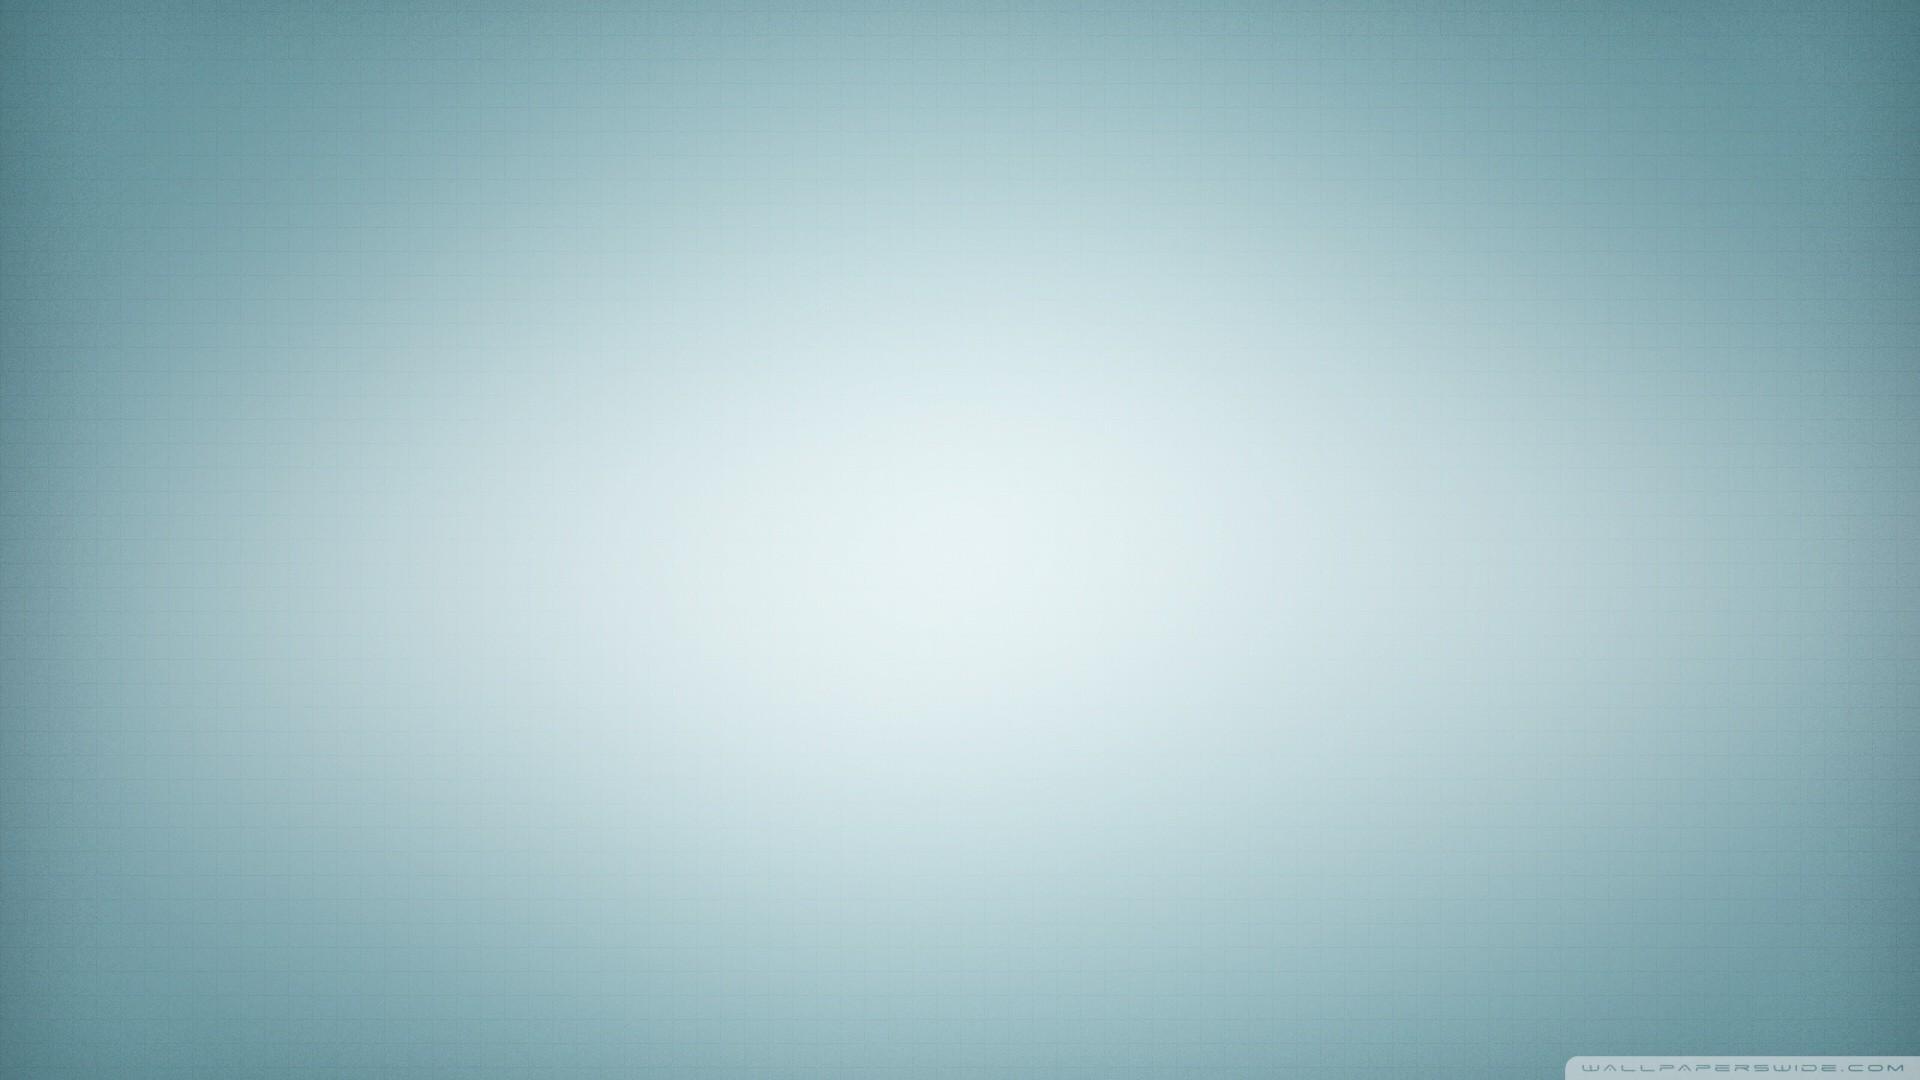 light blue texture wallpaper abstract wallpapers 21390 100×63 jpg